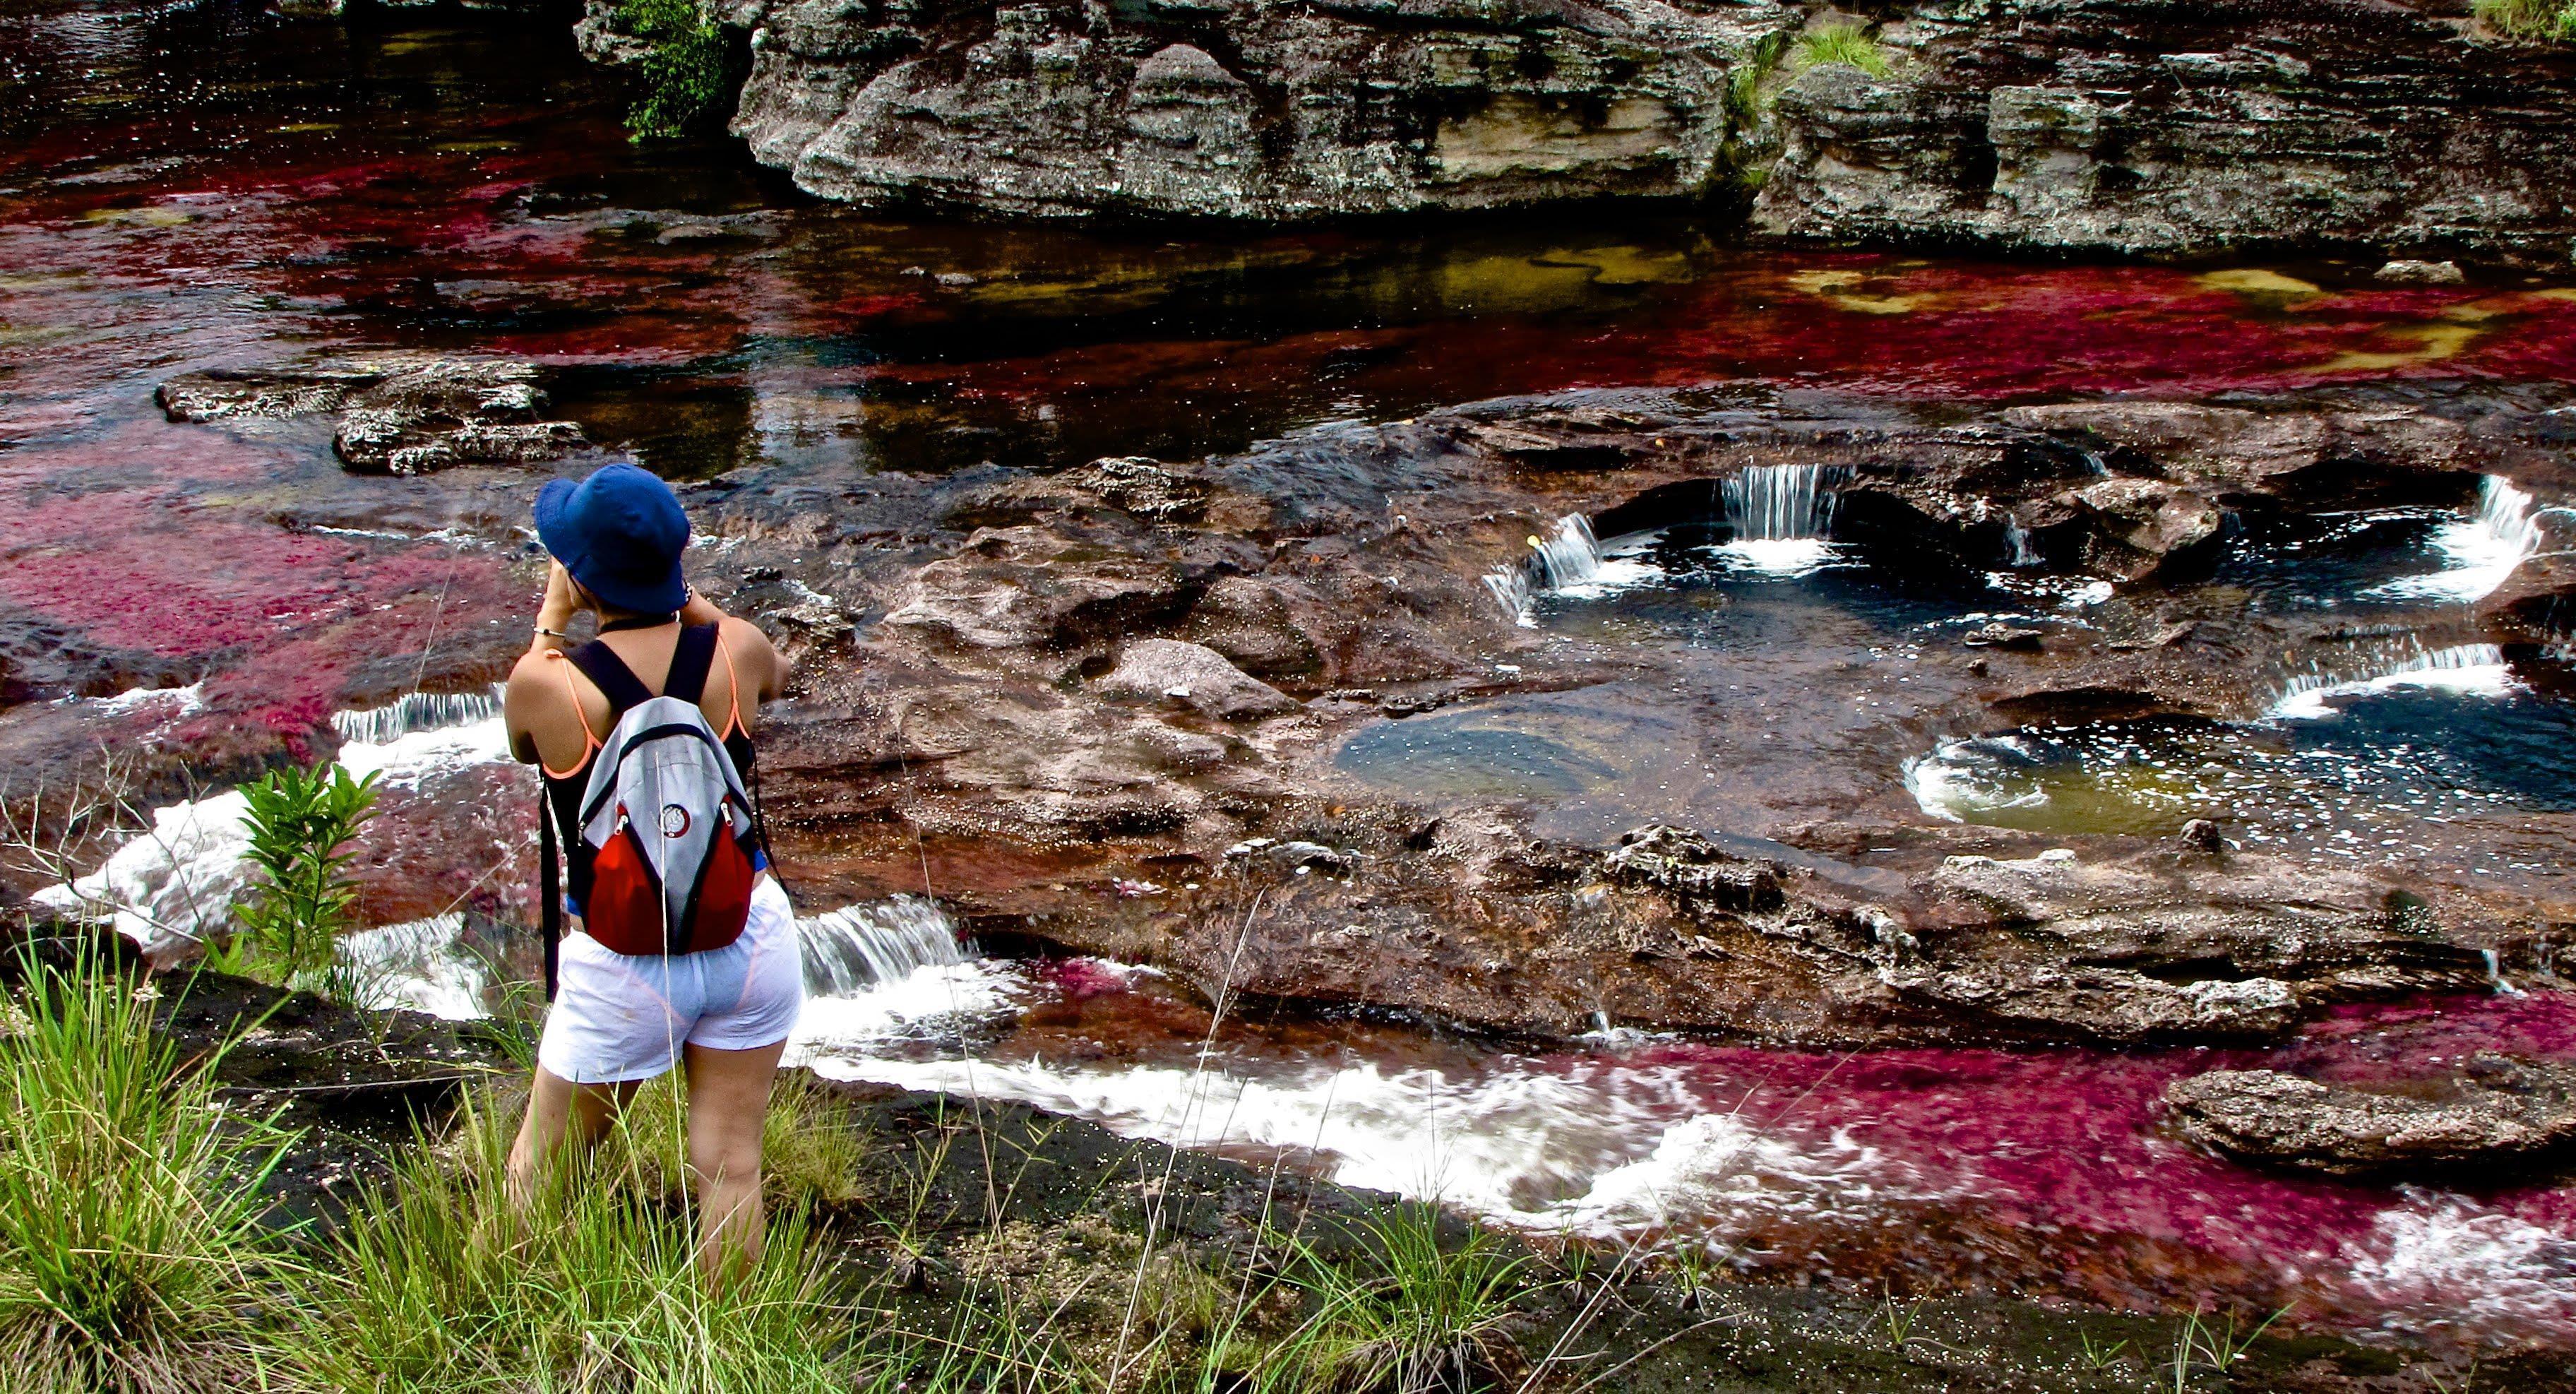 Dòng sông đẹp nhất thế giới 'chảy xuống từ thiên đường' Ảnh 6